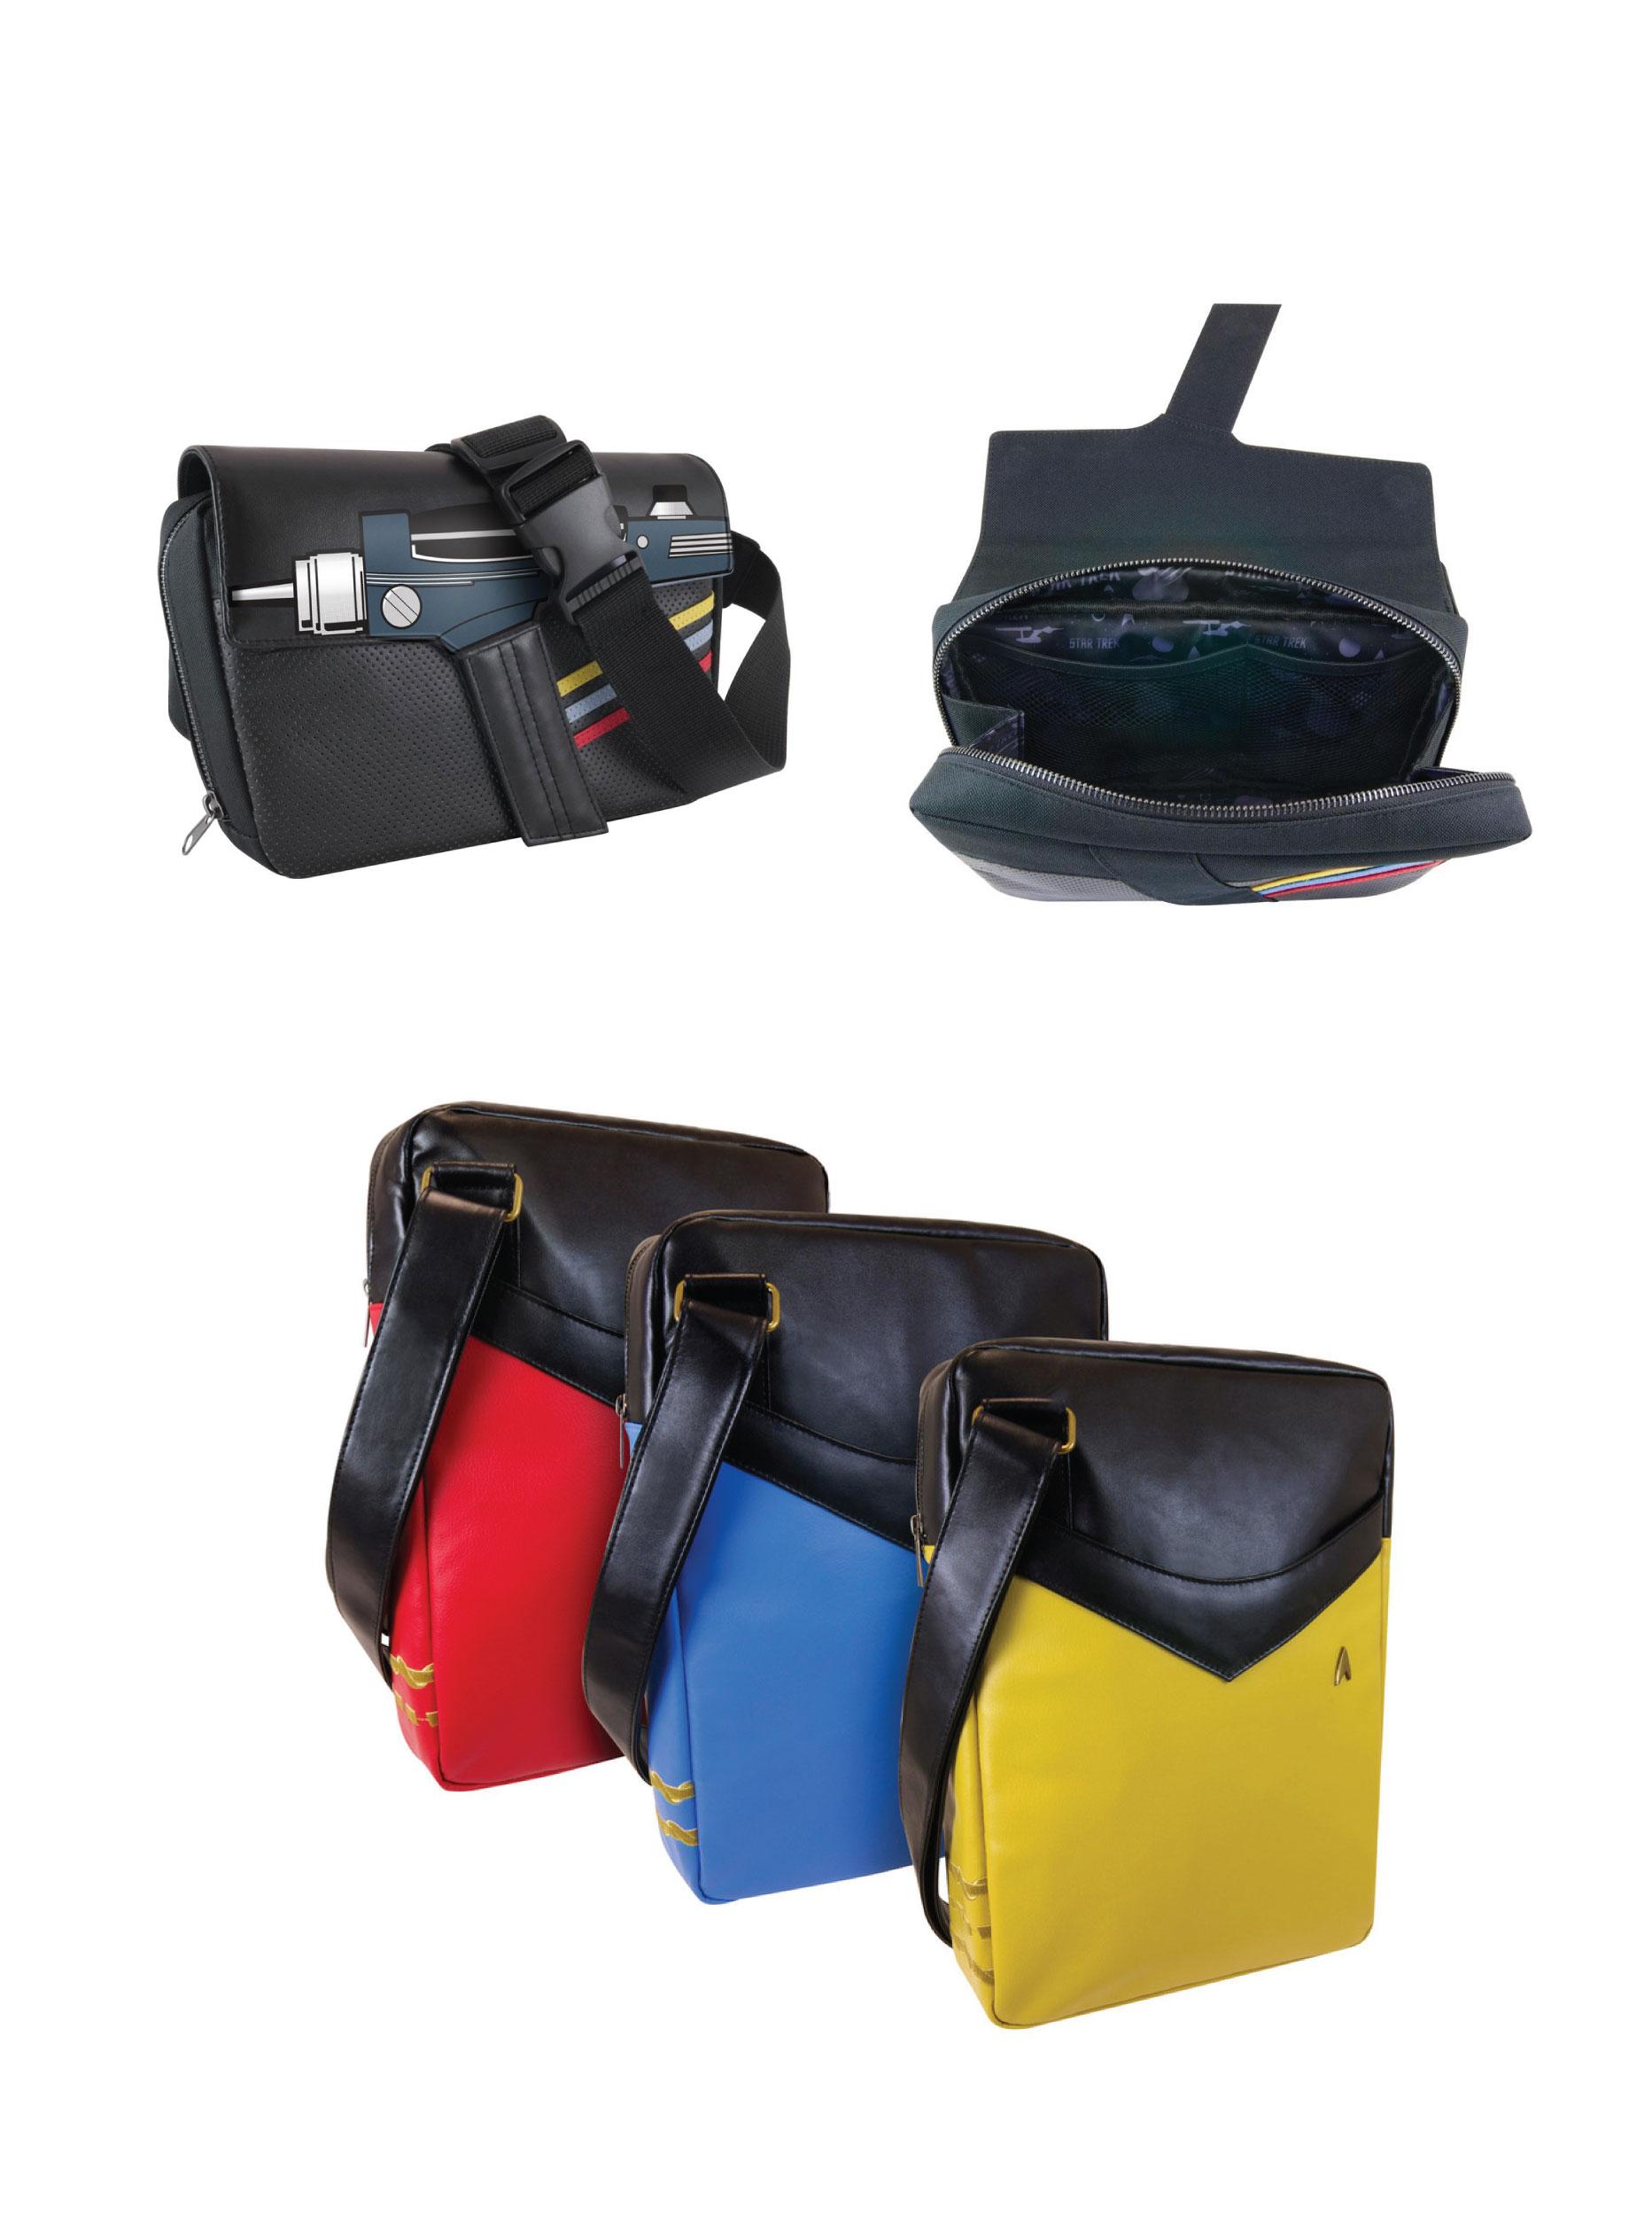 TOS-Bags-1.jpg